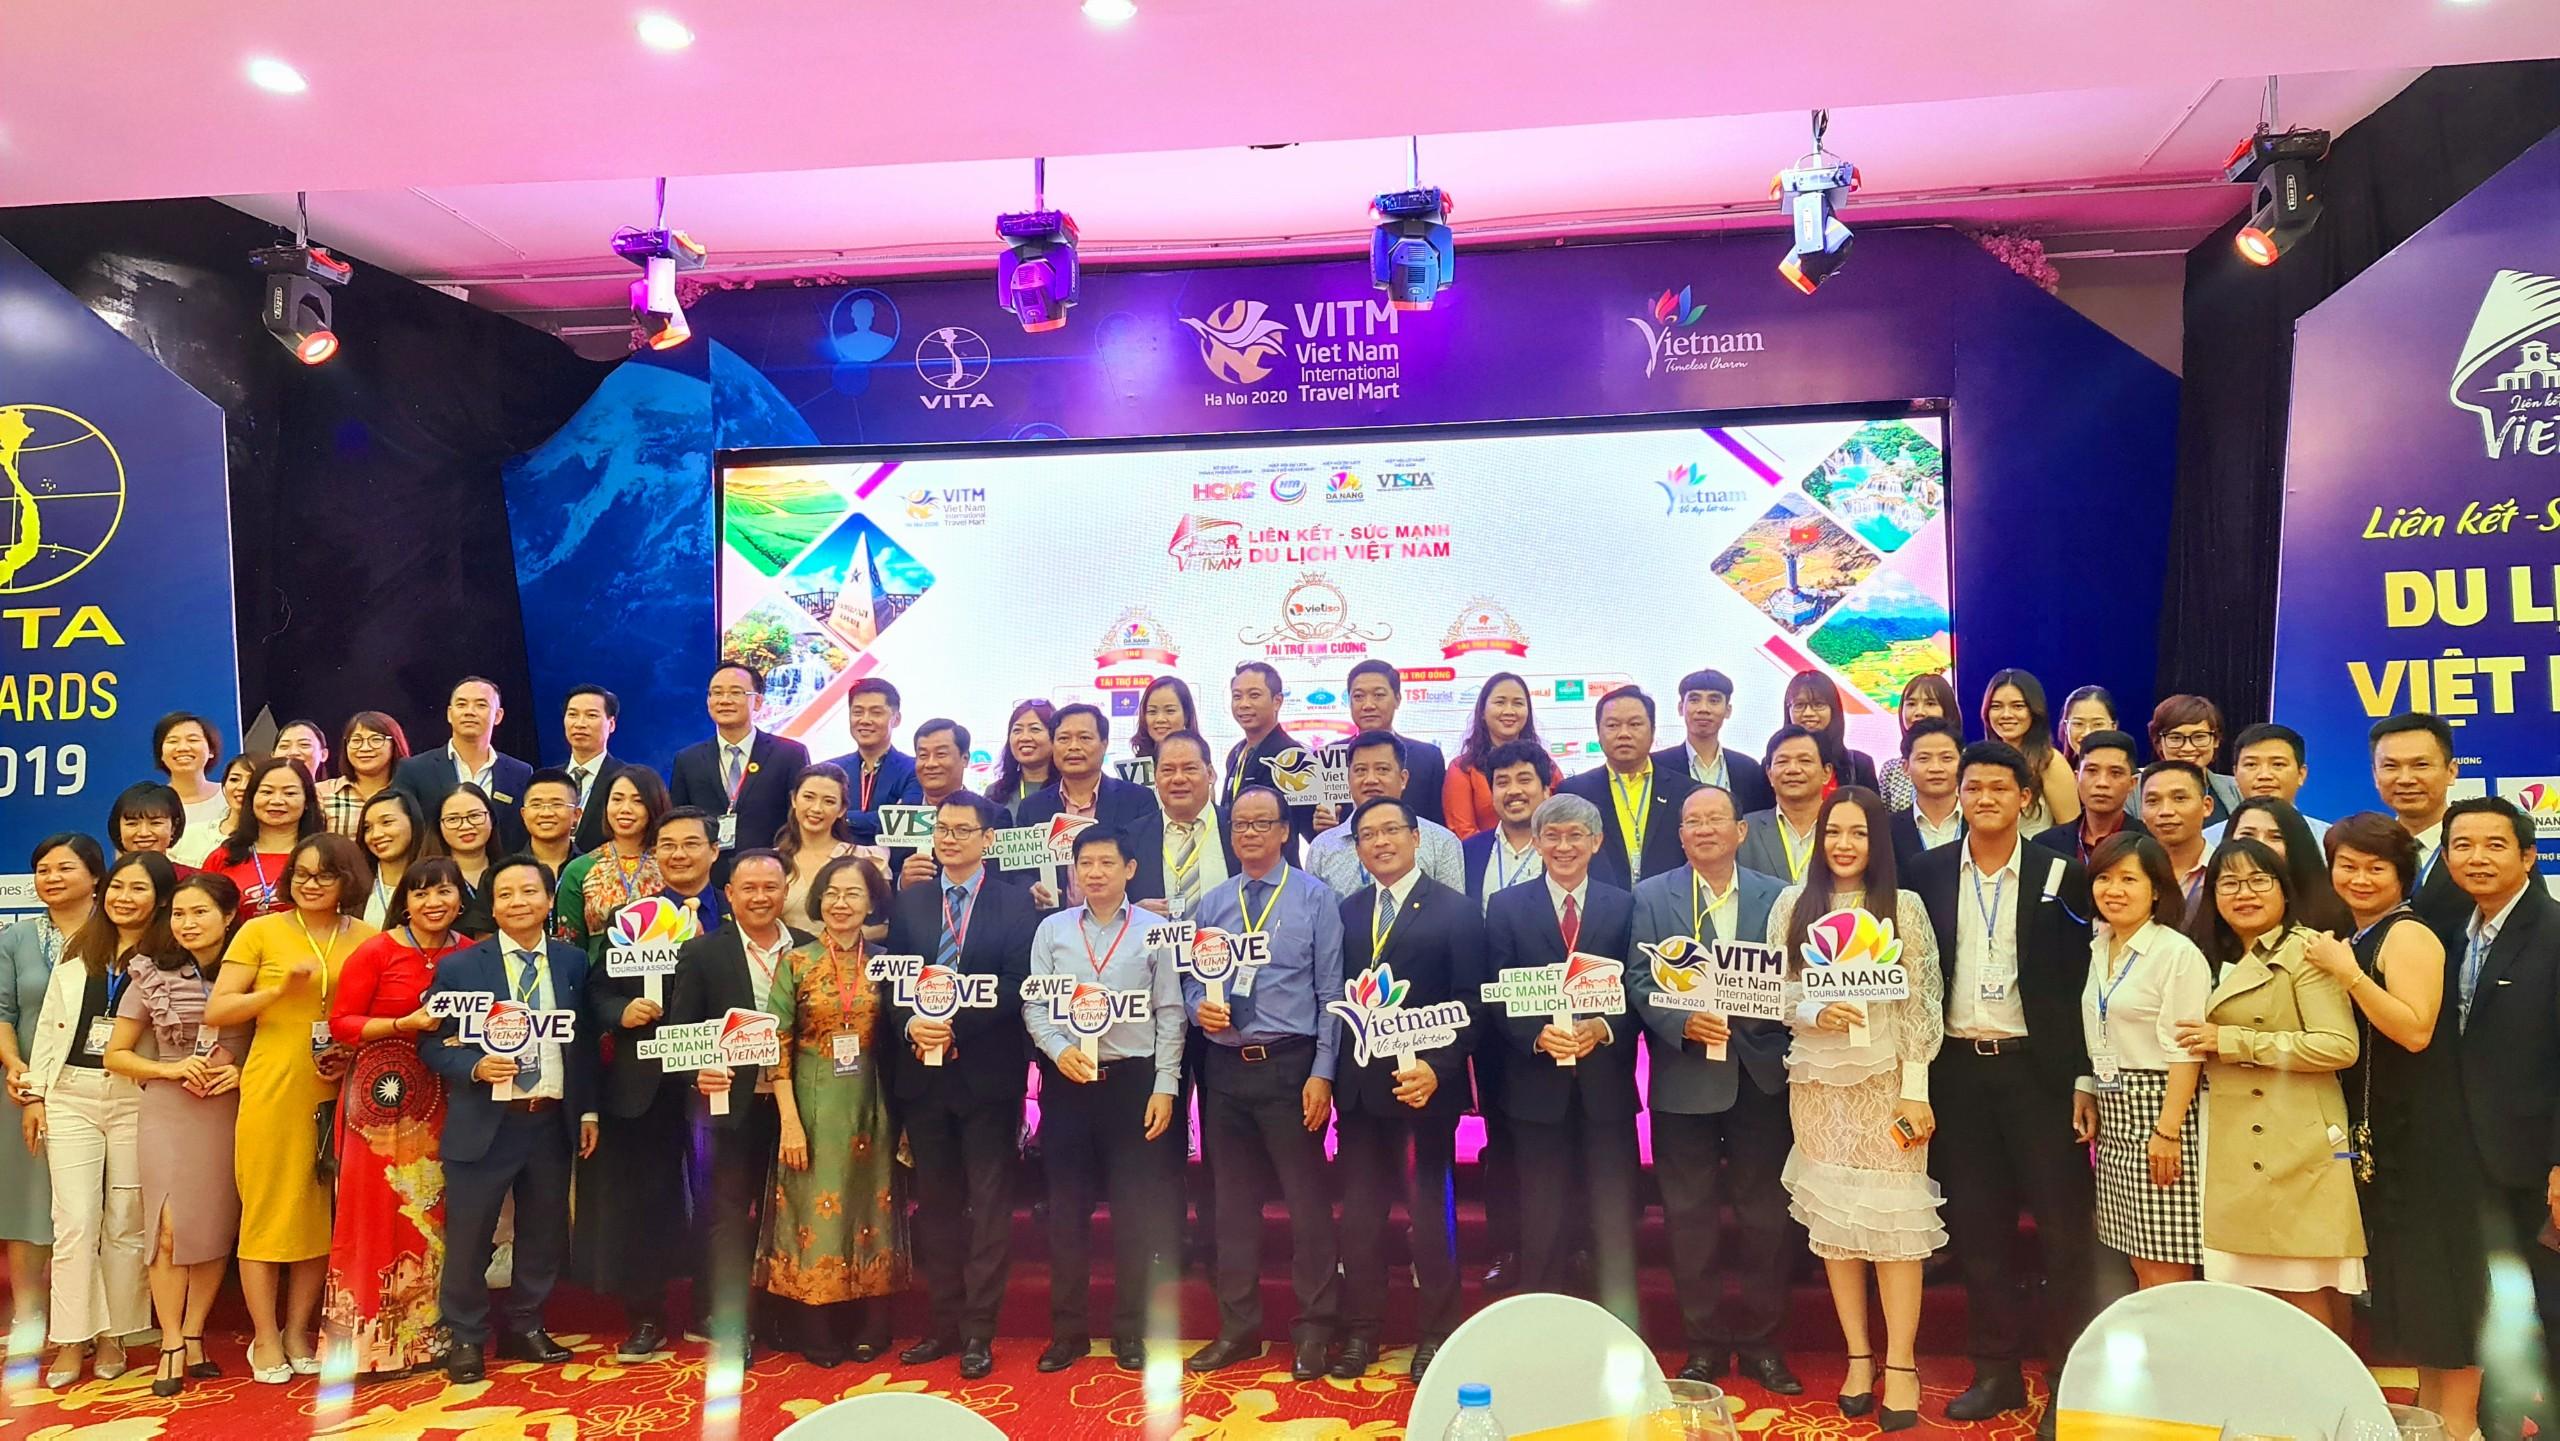 Hướng dẫn truy cập Phần mềm TravelMaster - Sự kiện Liên kết sức mạnh Du lịch Việt Nam - Lần 2